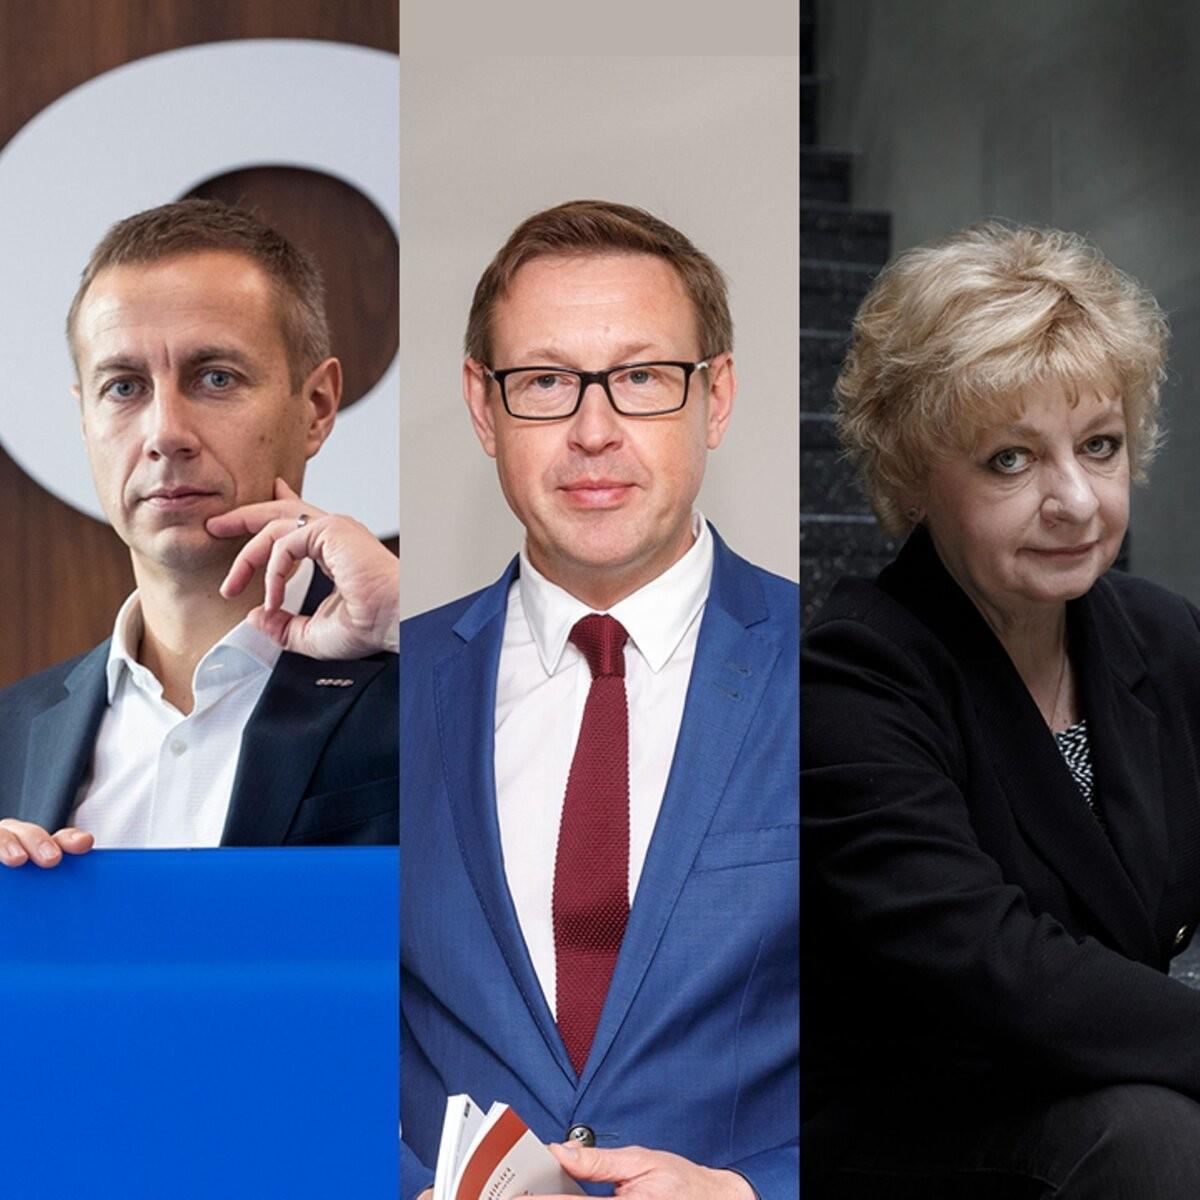 """Selgusid konkursi """"Parim juht 2021"""" finalistid: Margus Rink, Emöke Sogenbits ja Mart Mägi"""